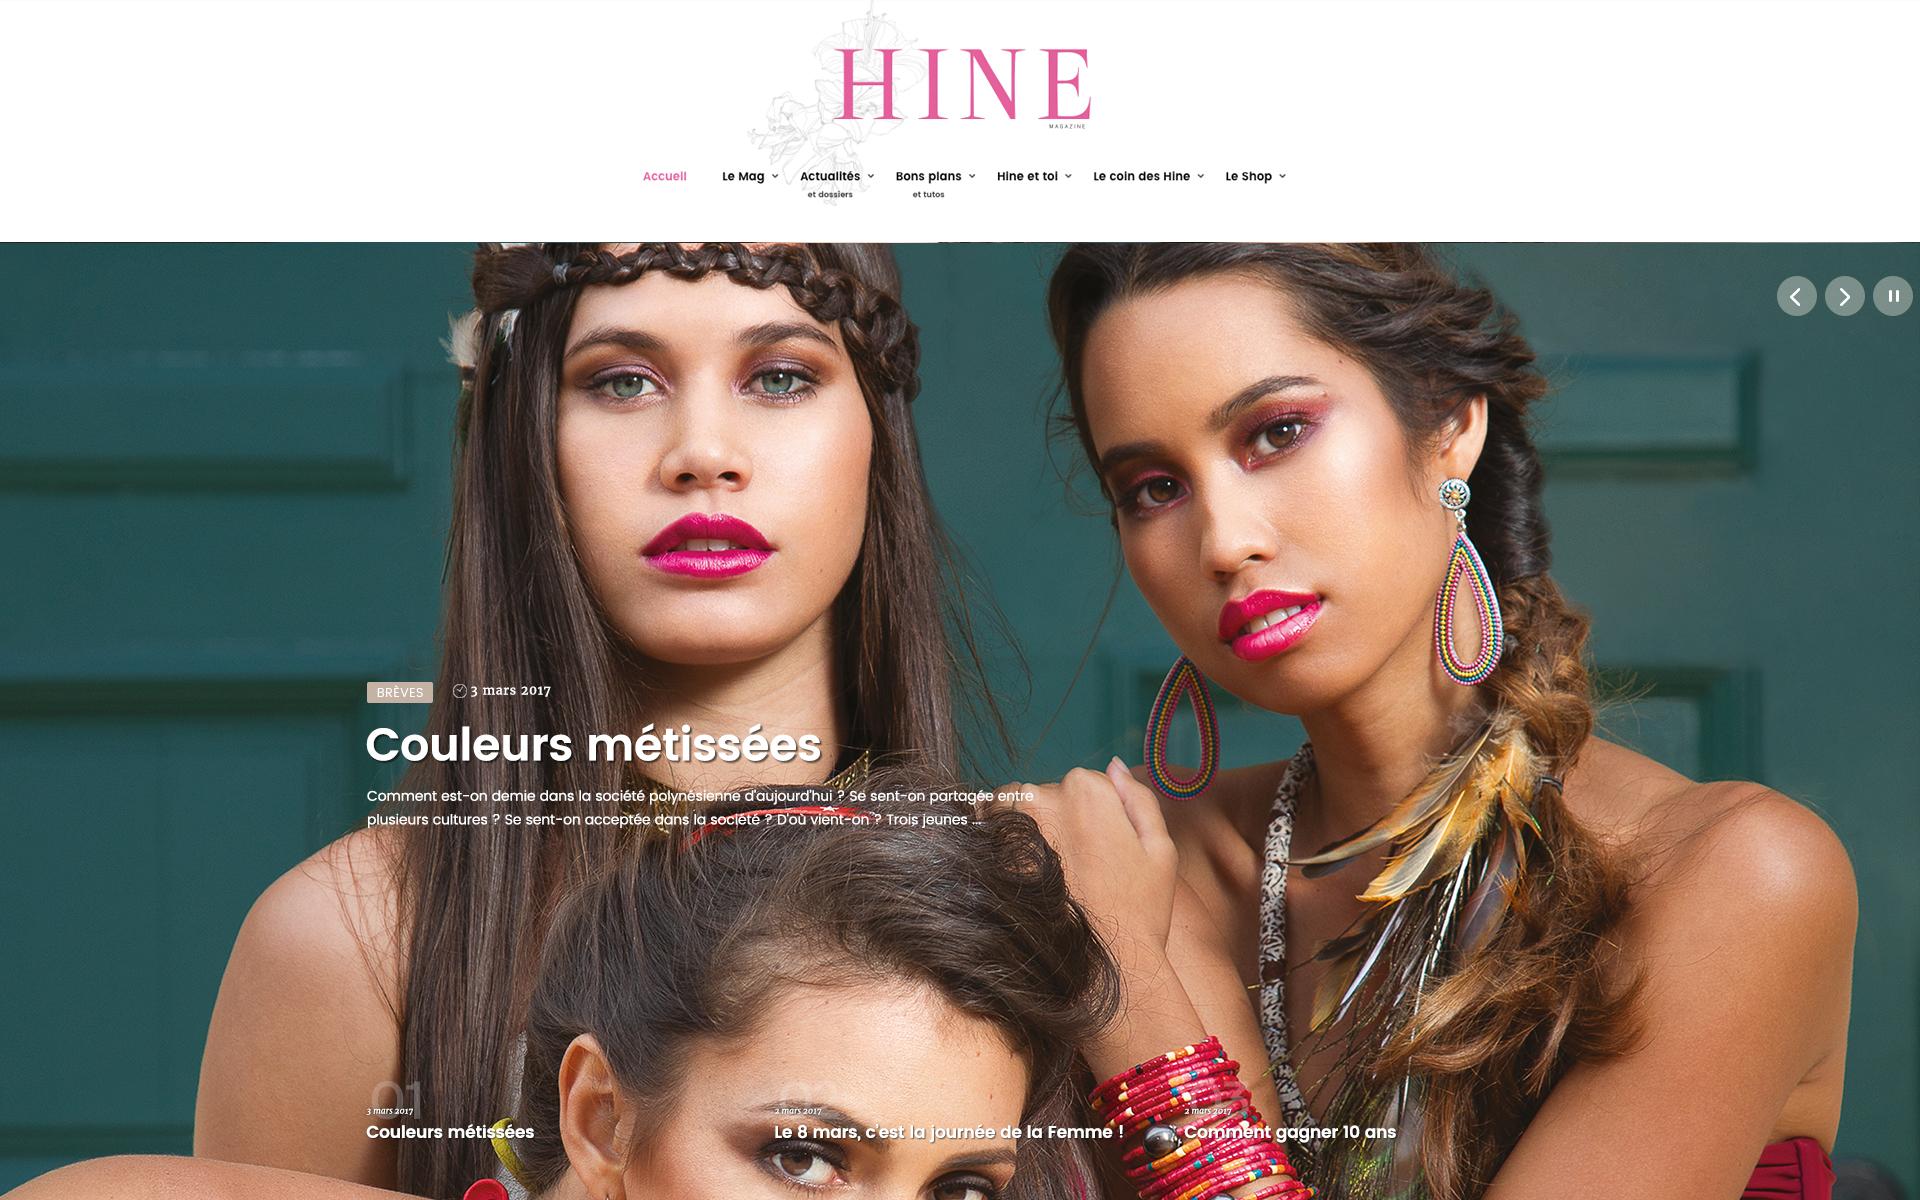 Découvrez le site internet du Hine magazine